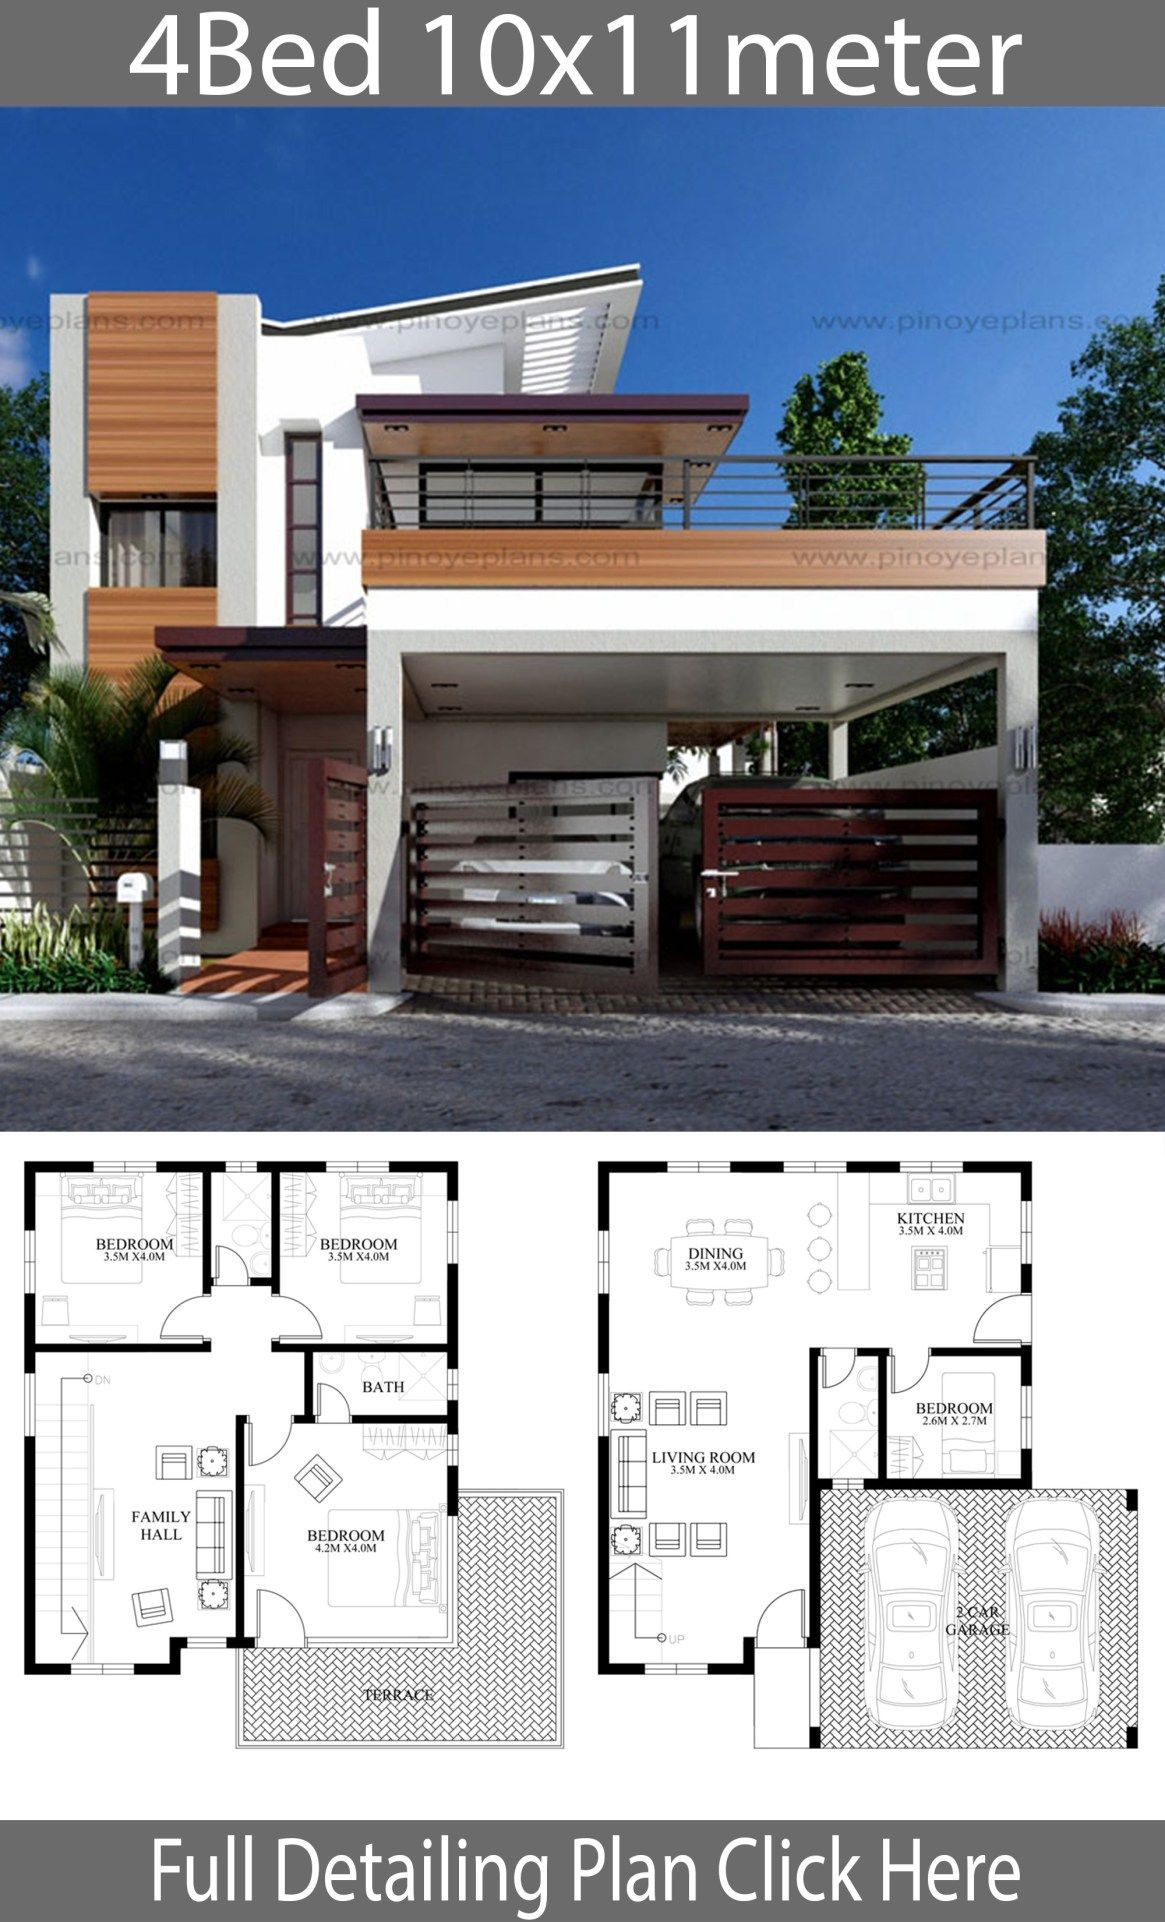 Modern Home Design Photos 2020 Denah Lantai Rumah Denah Rumah Denah Desain Rumah